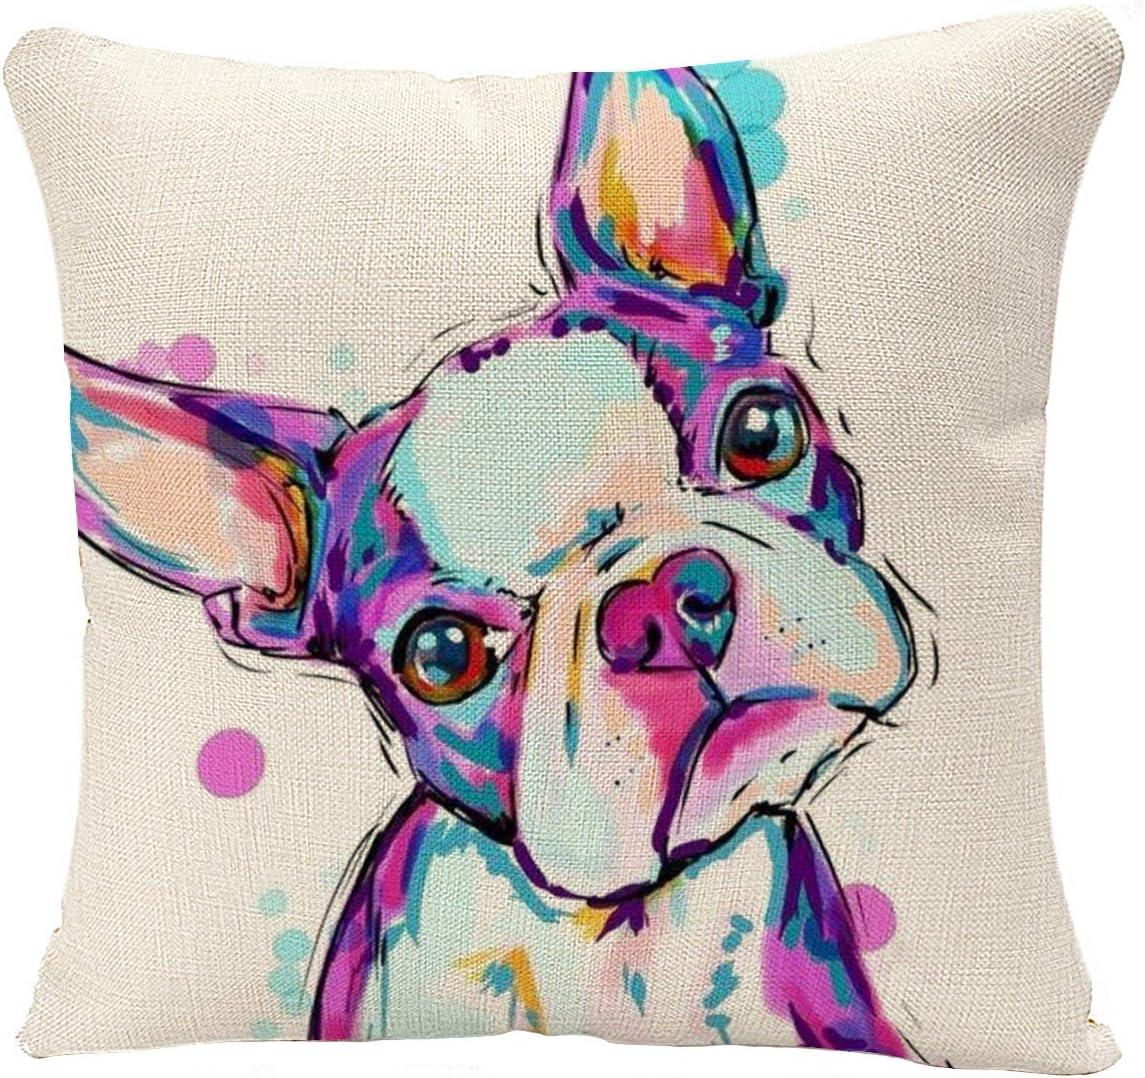 YGGQF Animal Throw Pillow Cover Boston Terrier Dog Decorative Cushion Bulldog Throw Pillow Car Chair Home Decor Pillow Case for Sofa 18x18 Inches